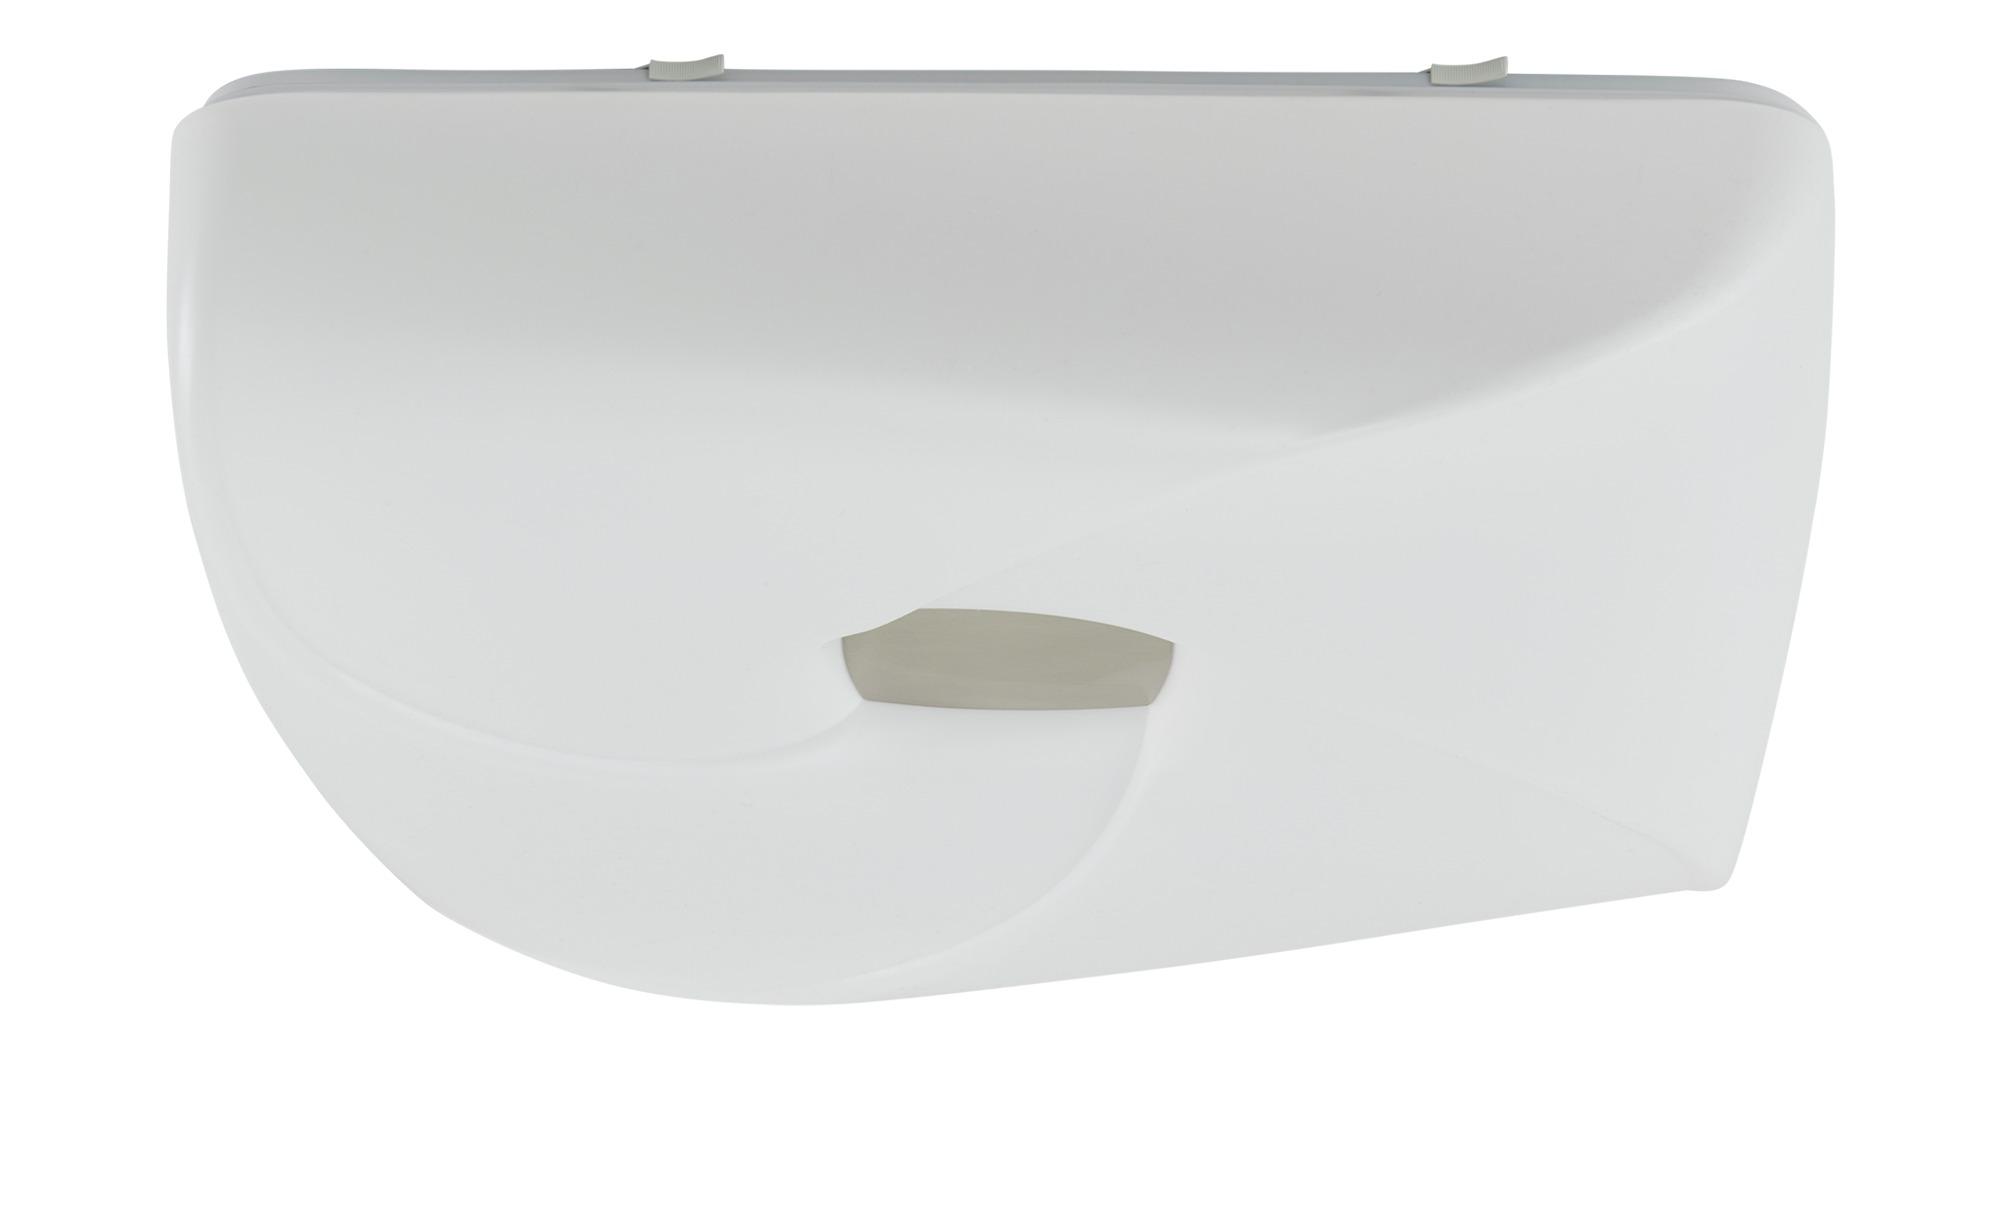 KHG LED-Deckenleuchte weiß/nickel ´groß´ ¦ weiß ¦ Maße (cm): B: 60 H: 36 Lampen & Leuchten > Innenleuchten > Deckenleuchten - Höffner